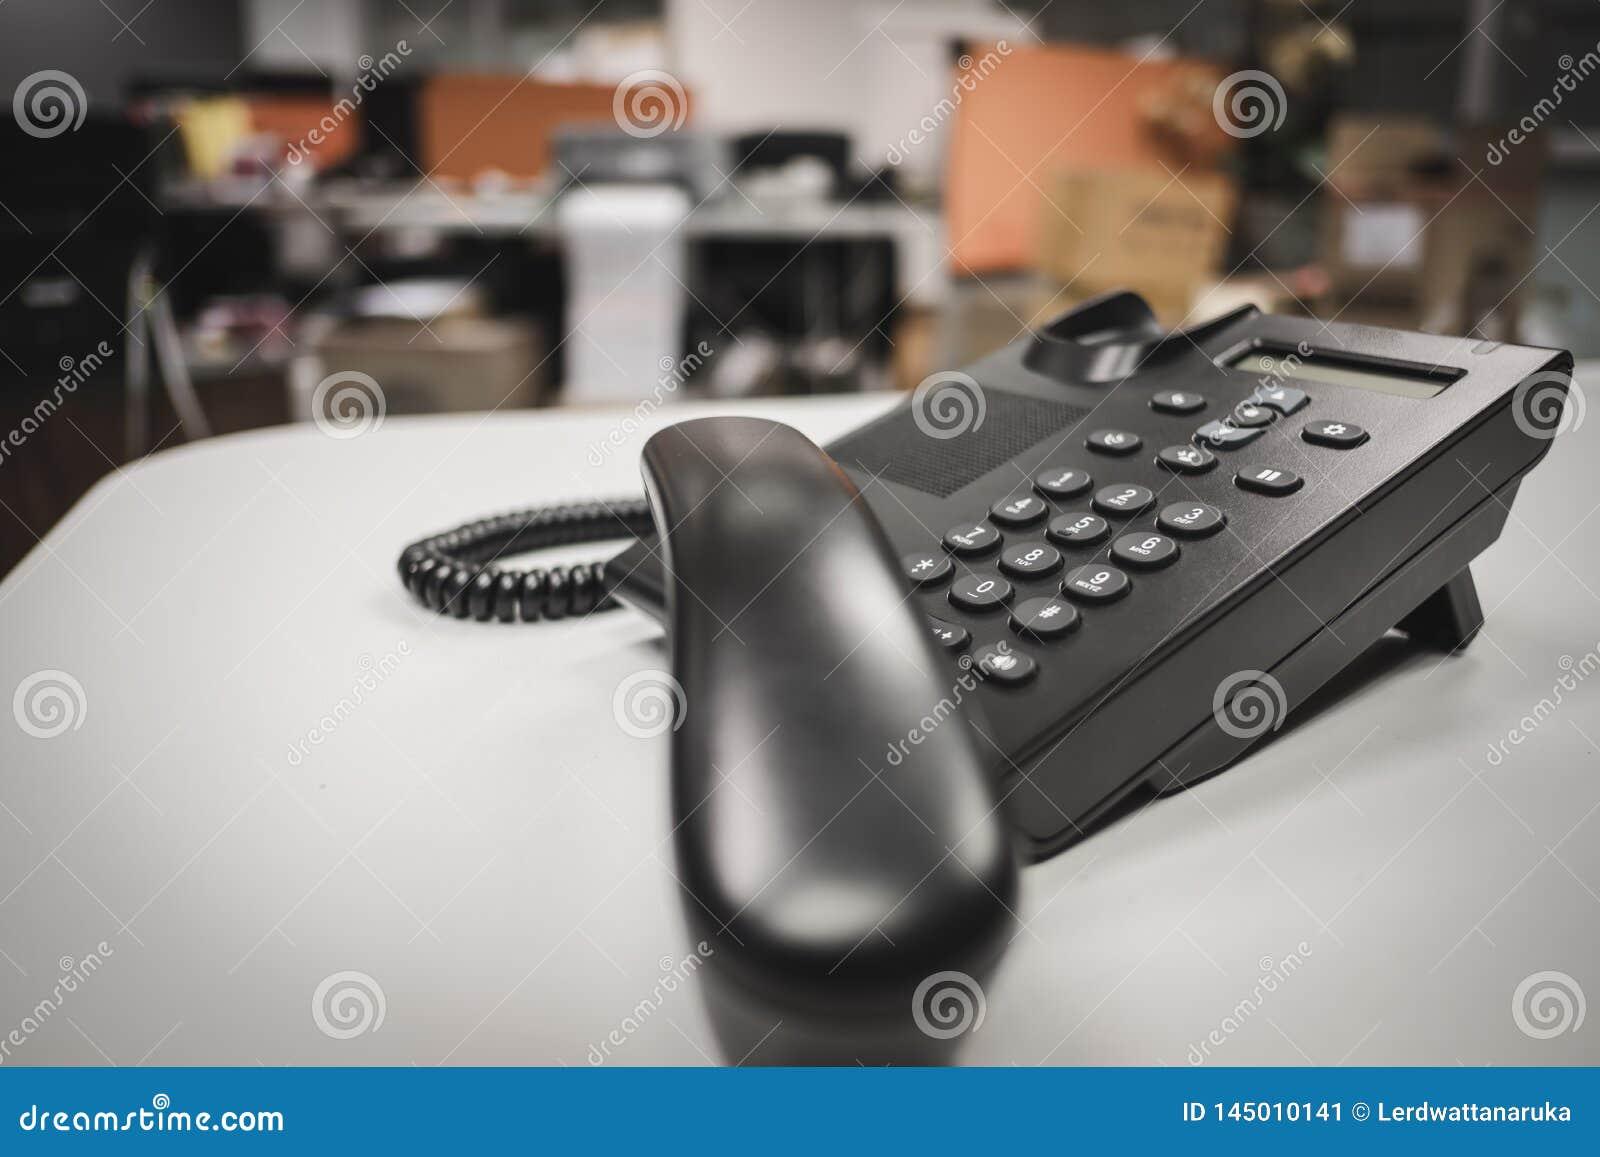 εκλεκτικό τηλεφωνικό deveice αριθμητικών πληκτρολογίων IP εστίασης στο γρ